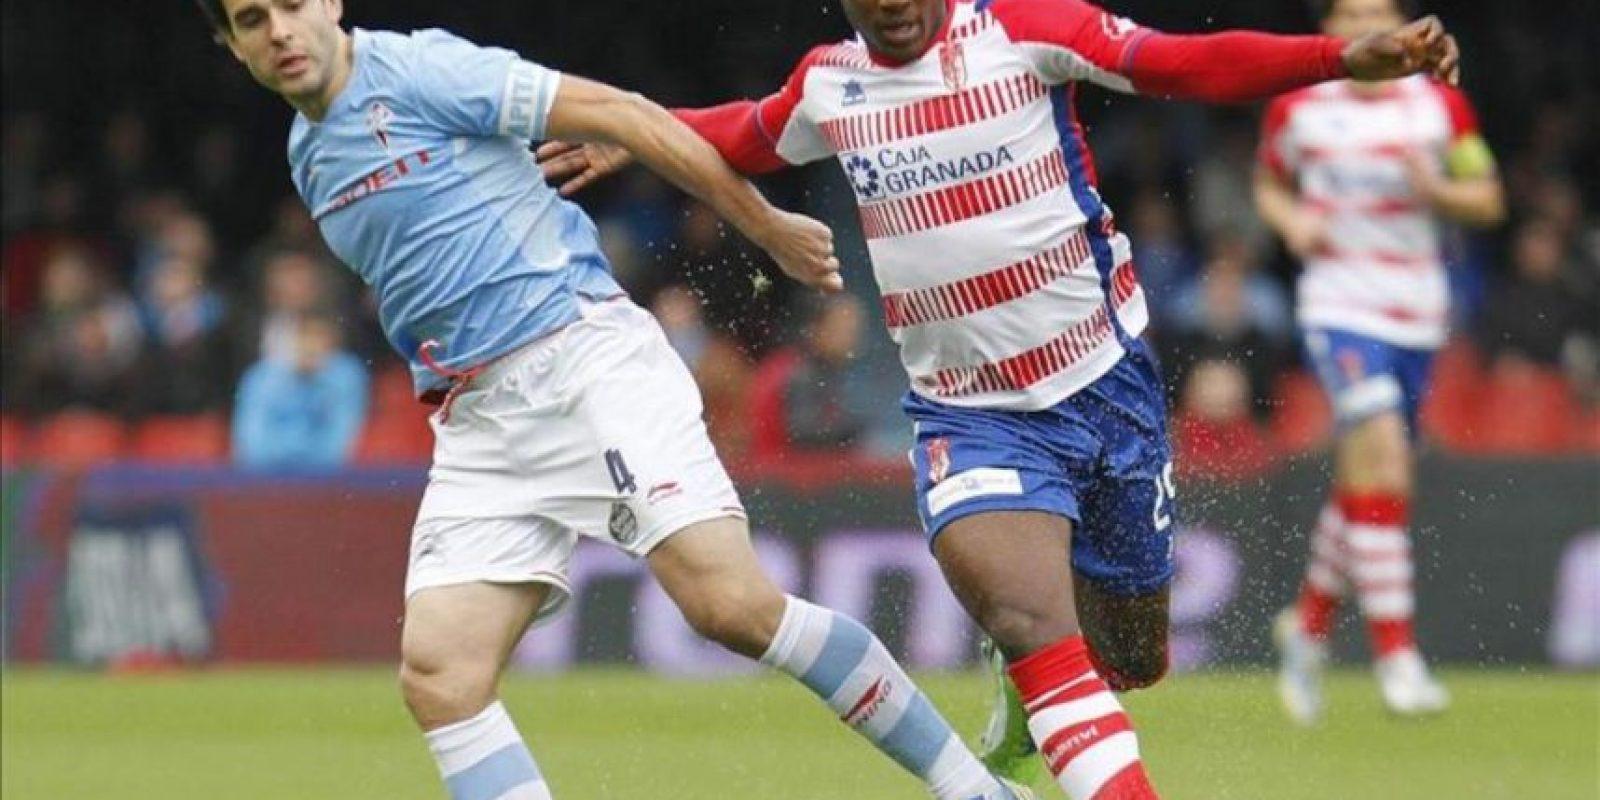 El centrocampista del Celta de Vigo Borja Oubiña (i) lucha un balón con el delantero nigeriano del Granada Odion Ighalo, durante el partido de la vigésimo quinta jornada de Liga de Primera División disputado en el estadio de Balaidos. EFE